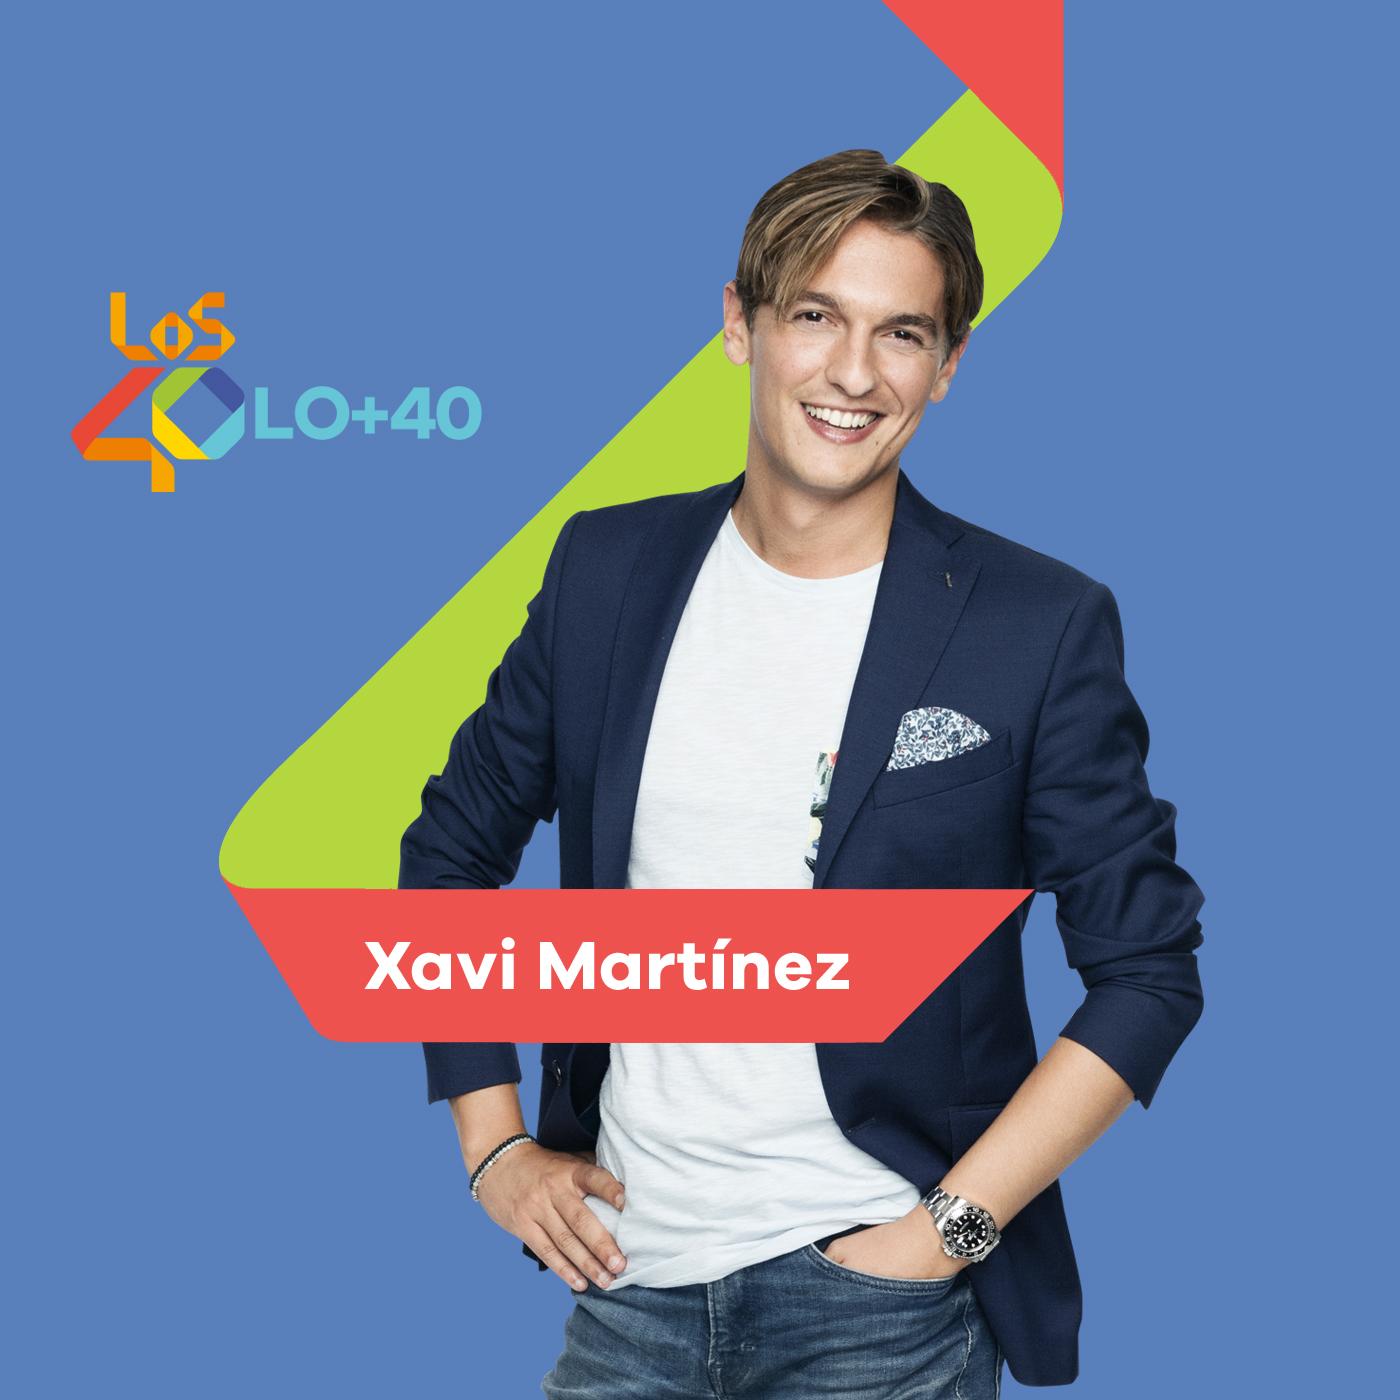 LO+40 11/10/17 18 a 19h.  Xavi Martínez estrena en exclusiva lo nuevo de Ruth Lorenzo